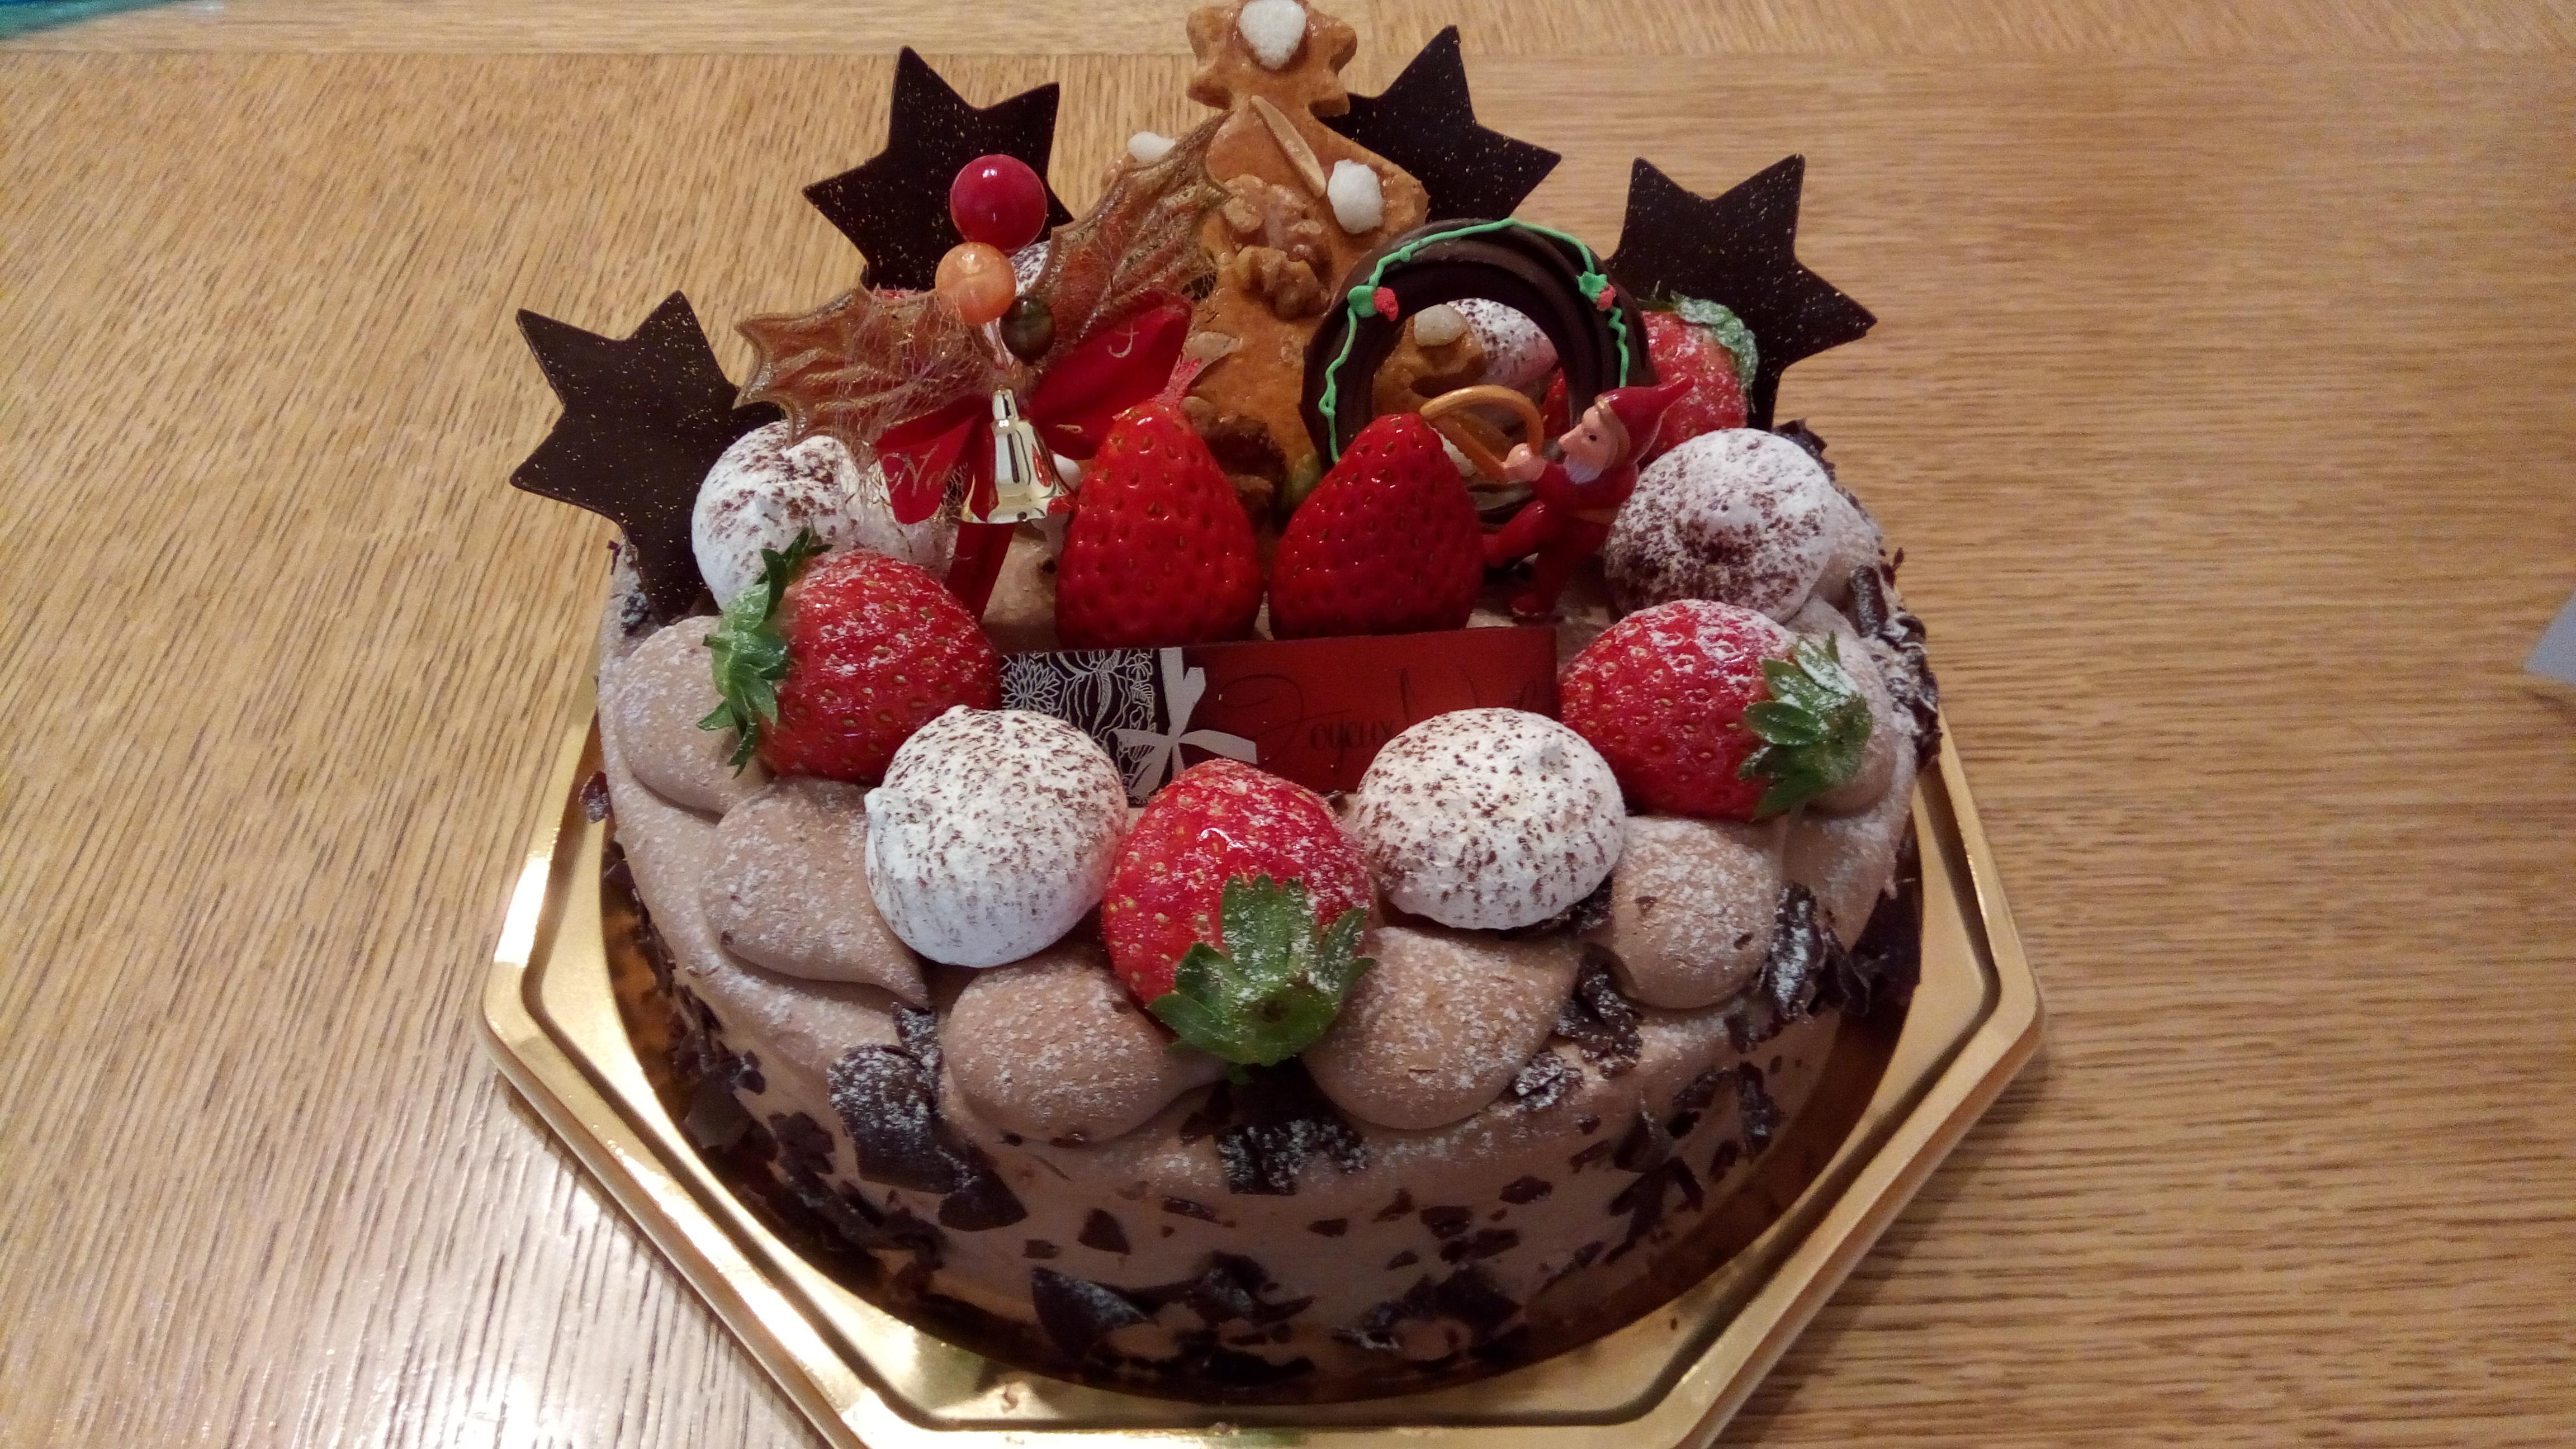 おしゃれで美味しいケーキでした~おおたかの森「レタンプリュス」のクリスマスケーキ